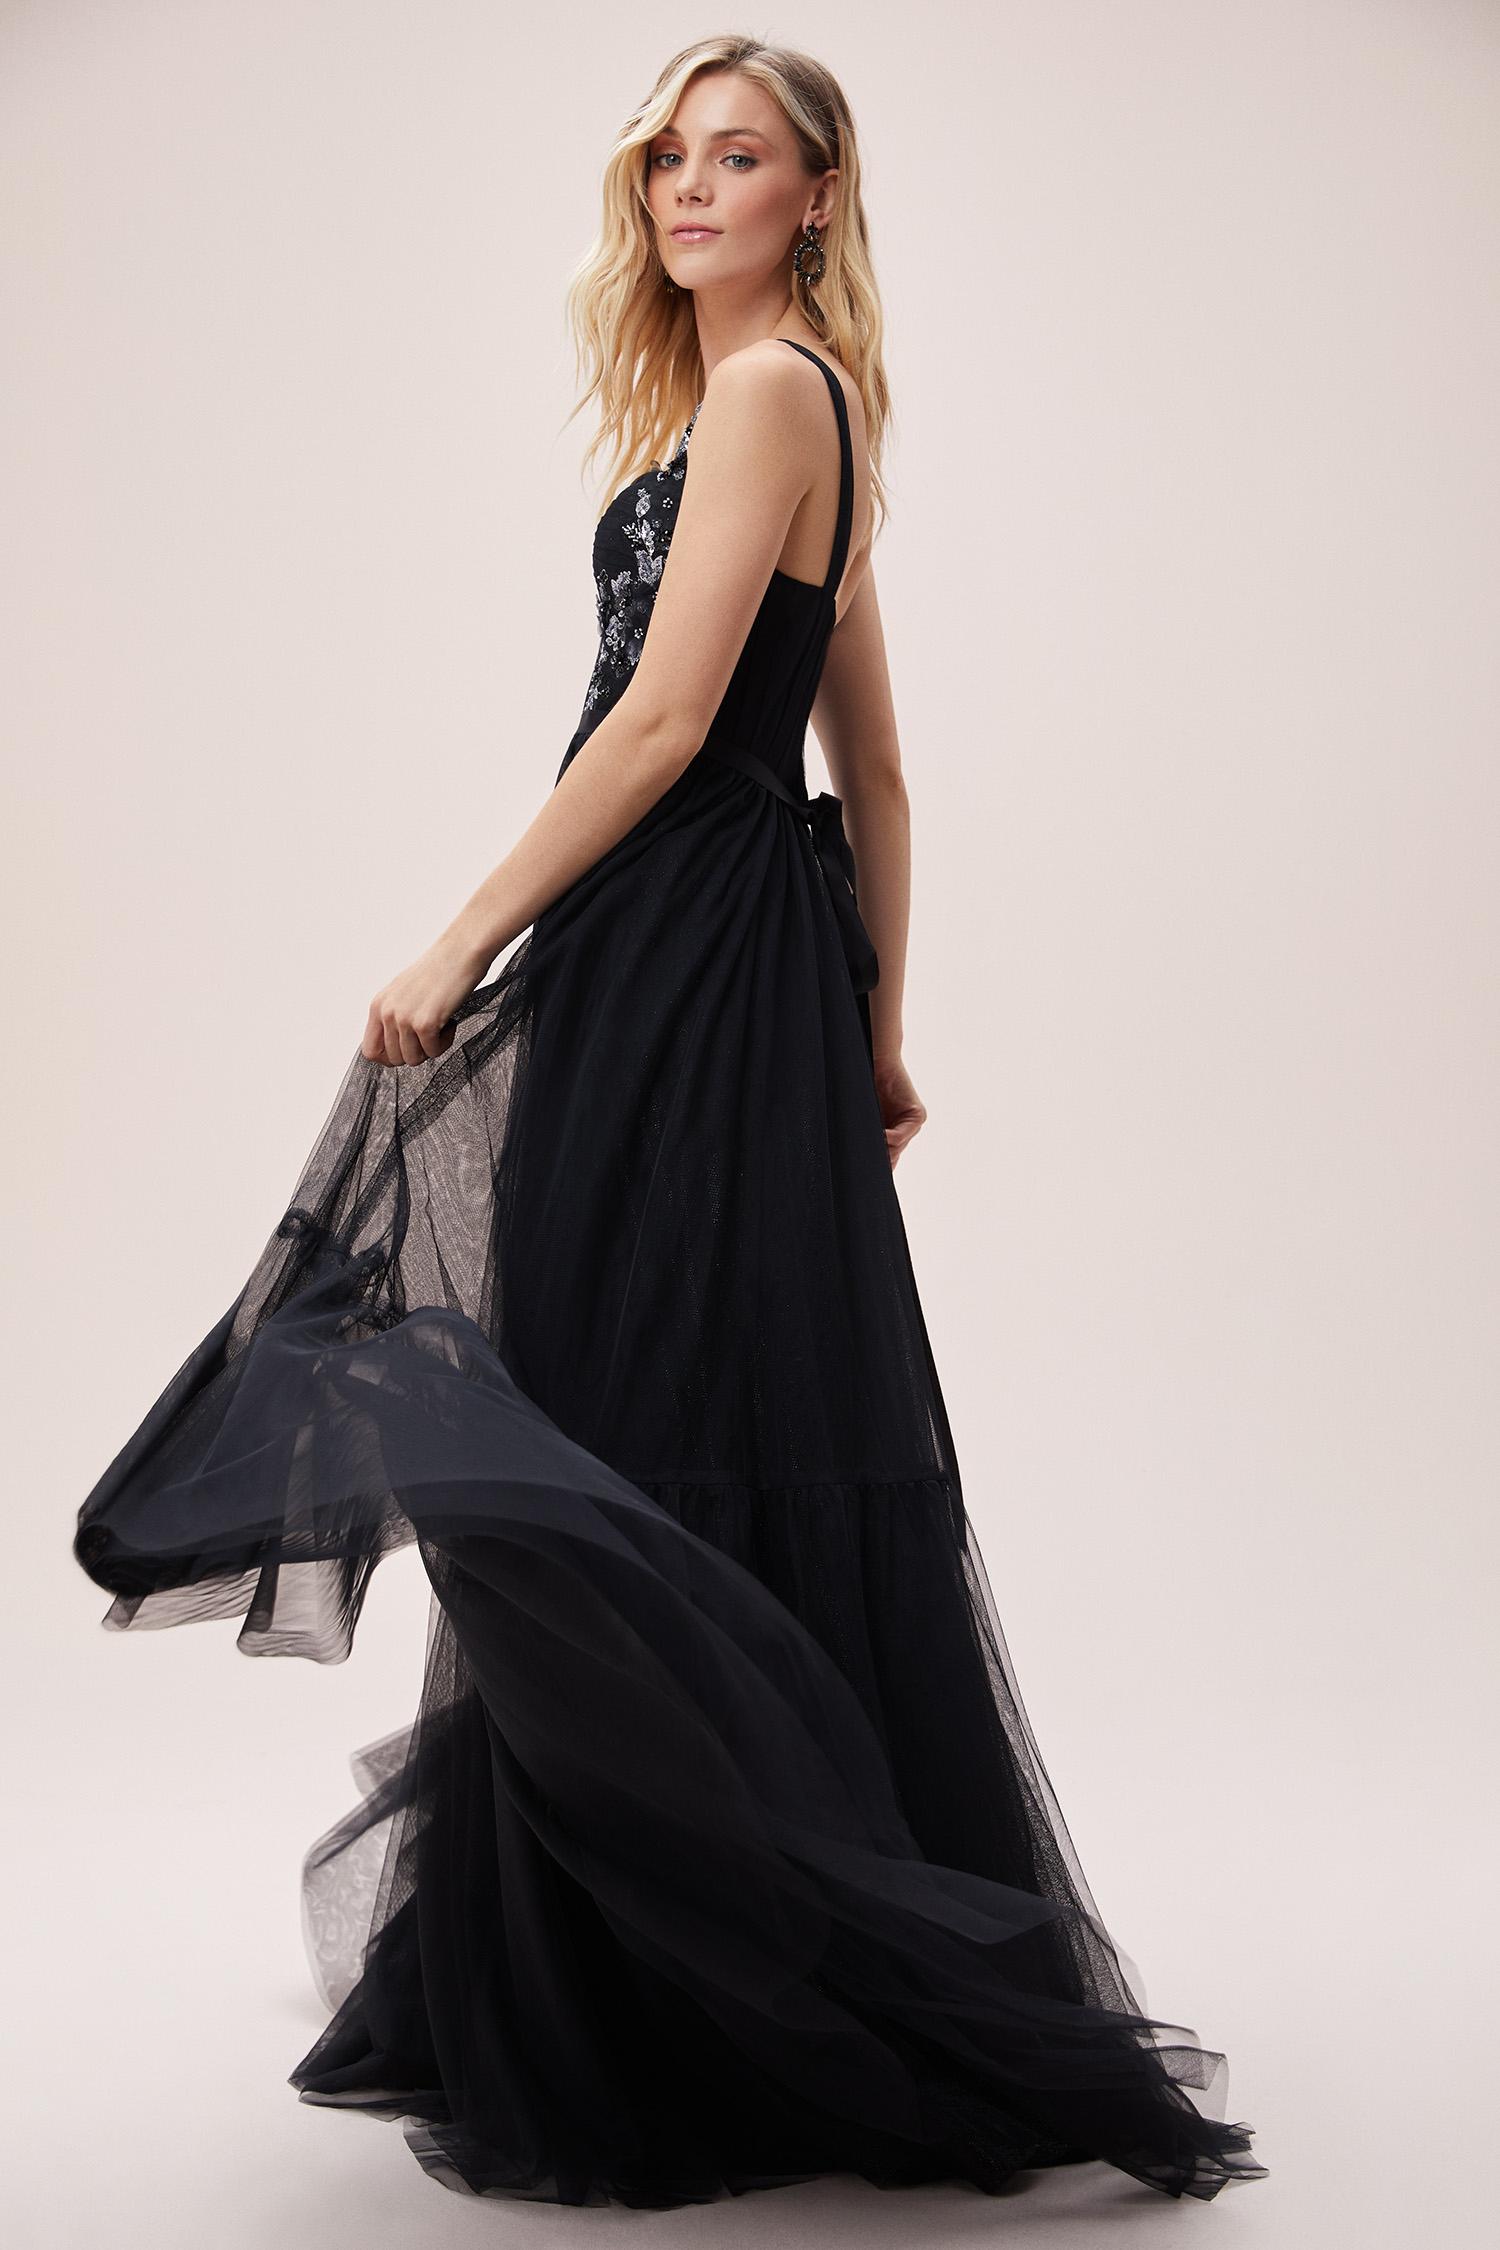 Siyah Öpücük Yaka Askılı Drapeli Tül Uzun Abiye - Thumbnail